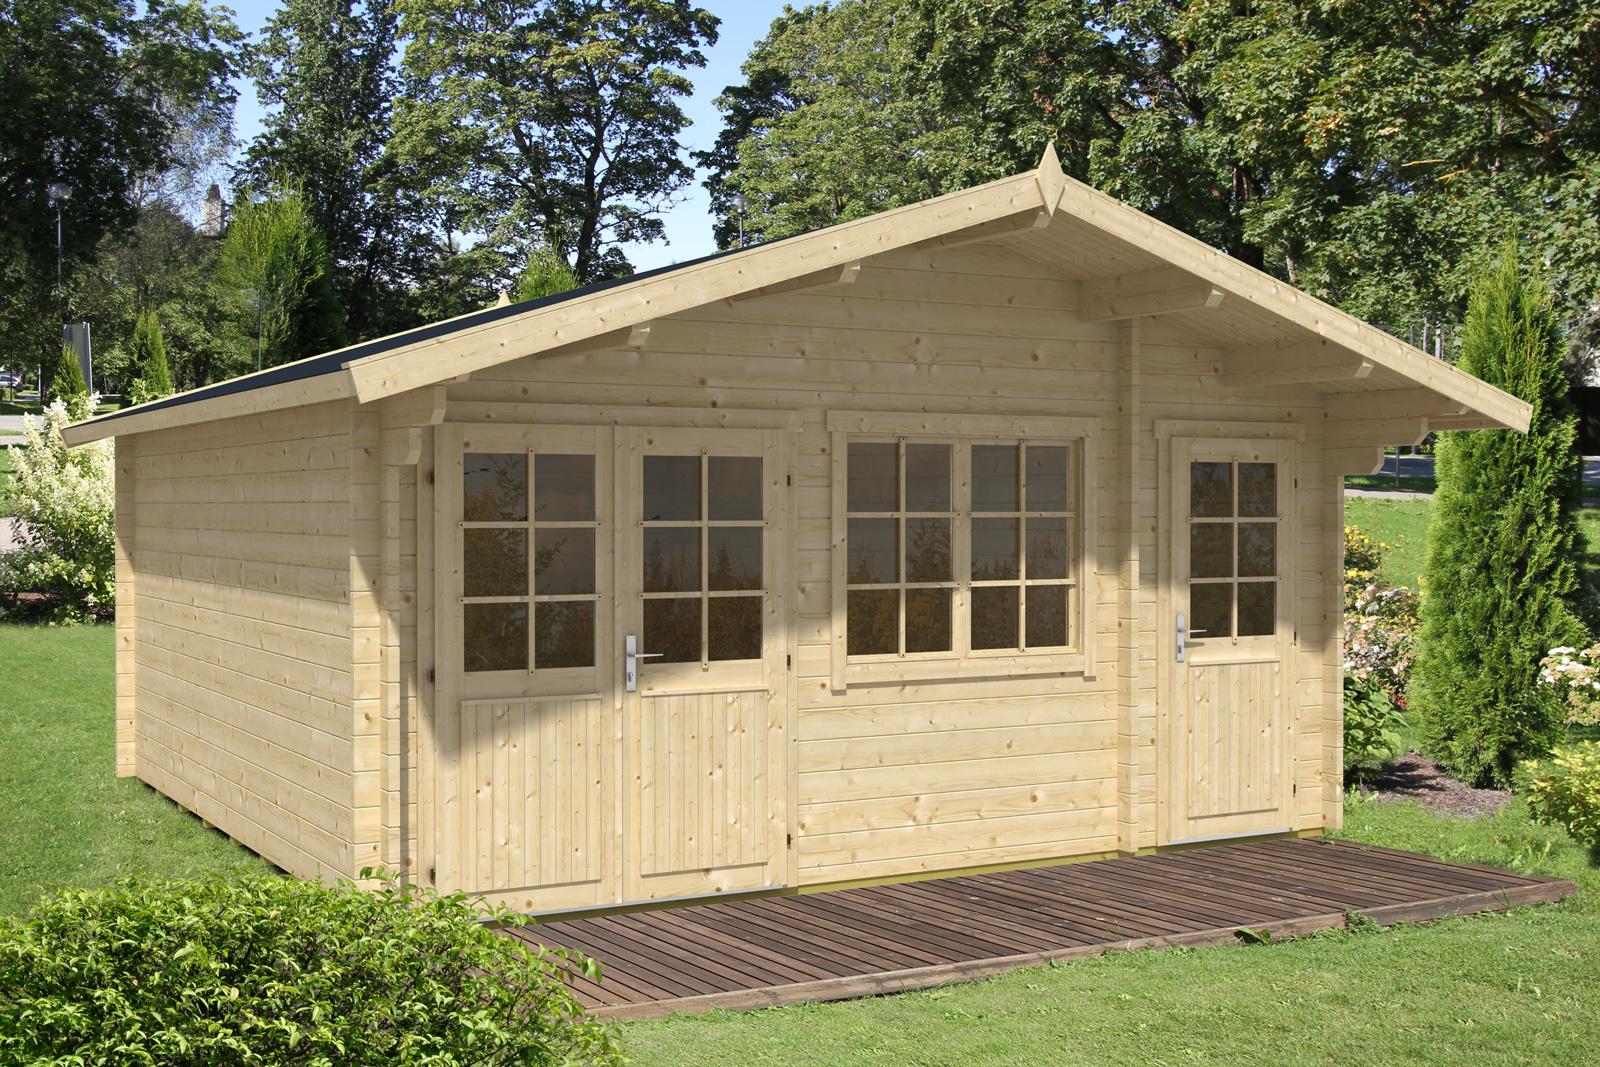 gartenhaus modell nevis 44 iso gartenhaus modell nevis 44 iso. Black Bedroom Furniture Sets. Home Design Ideas